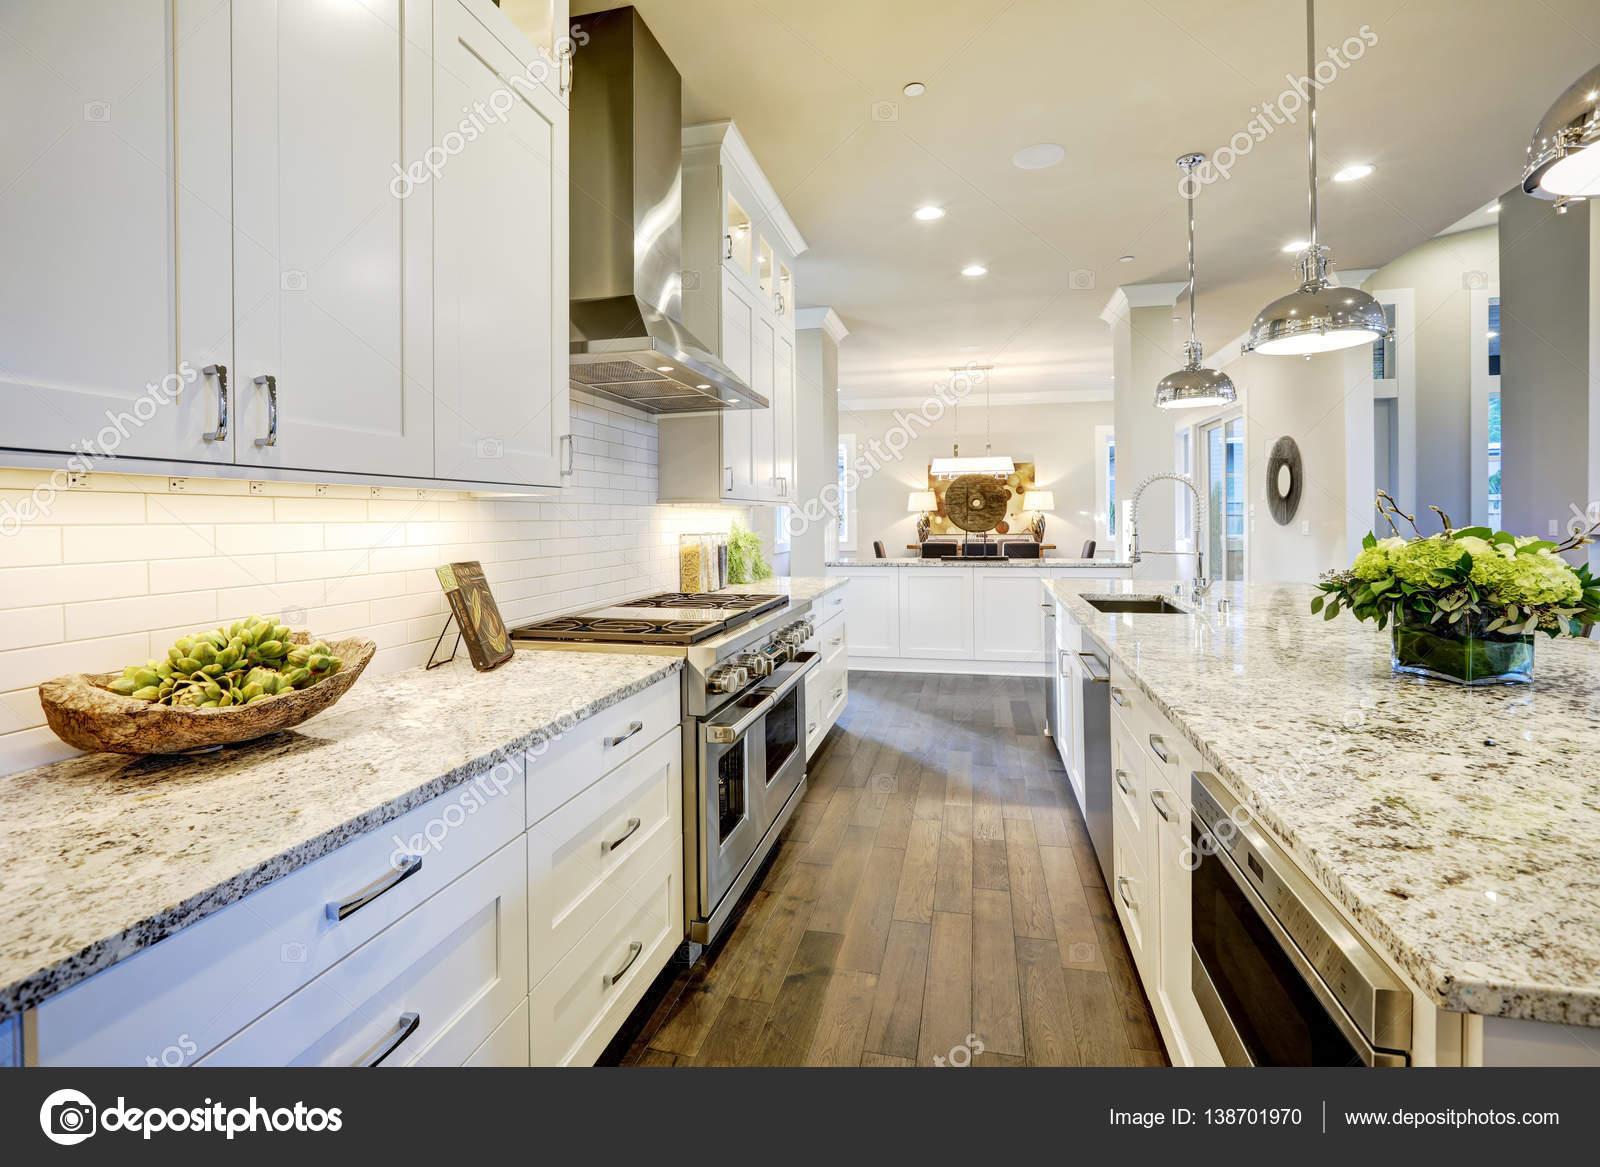 Weiße Küchendesign in neues luxuriöses Zuhause — Stockfoto ...